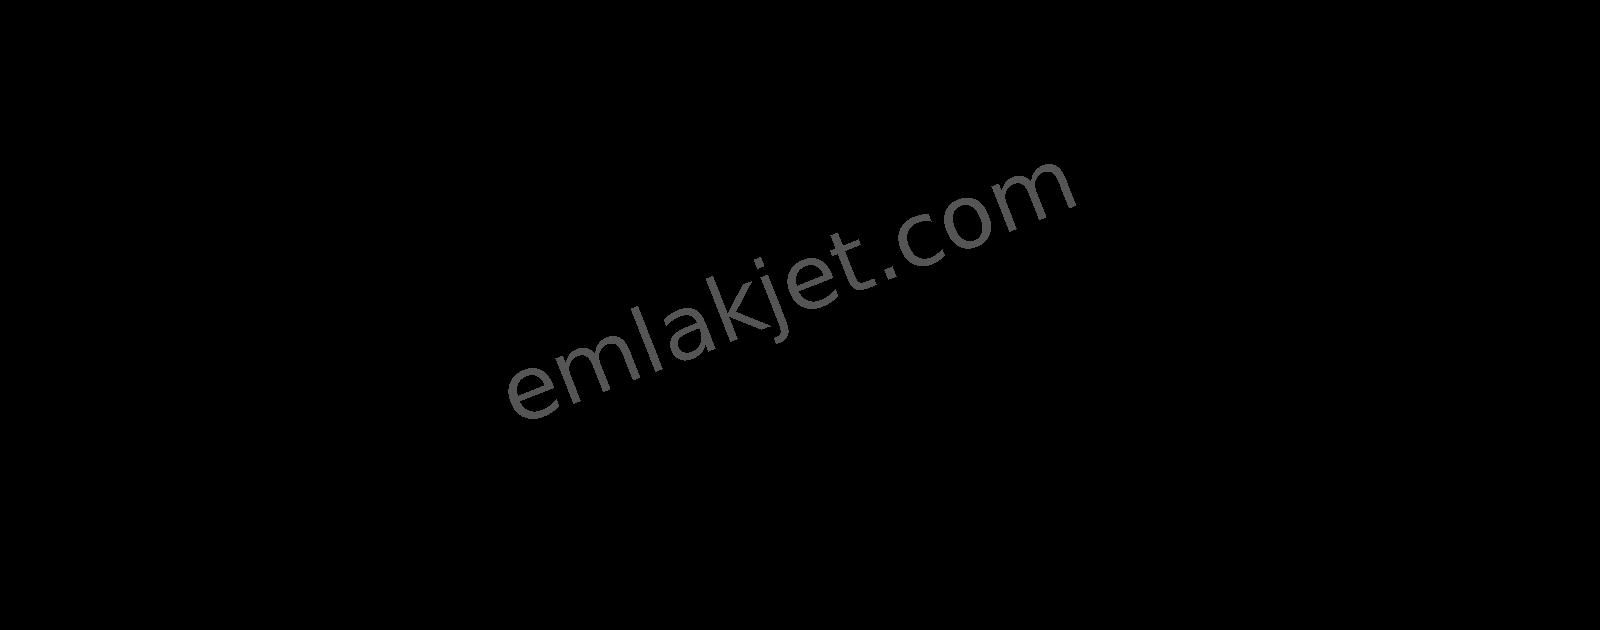 https://imaj.emlakjet.com/listing/9314430/E907F2D84D7BD00CA7DD82A226D0D4E79314430.jpg